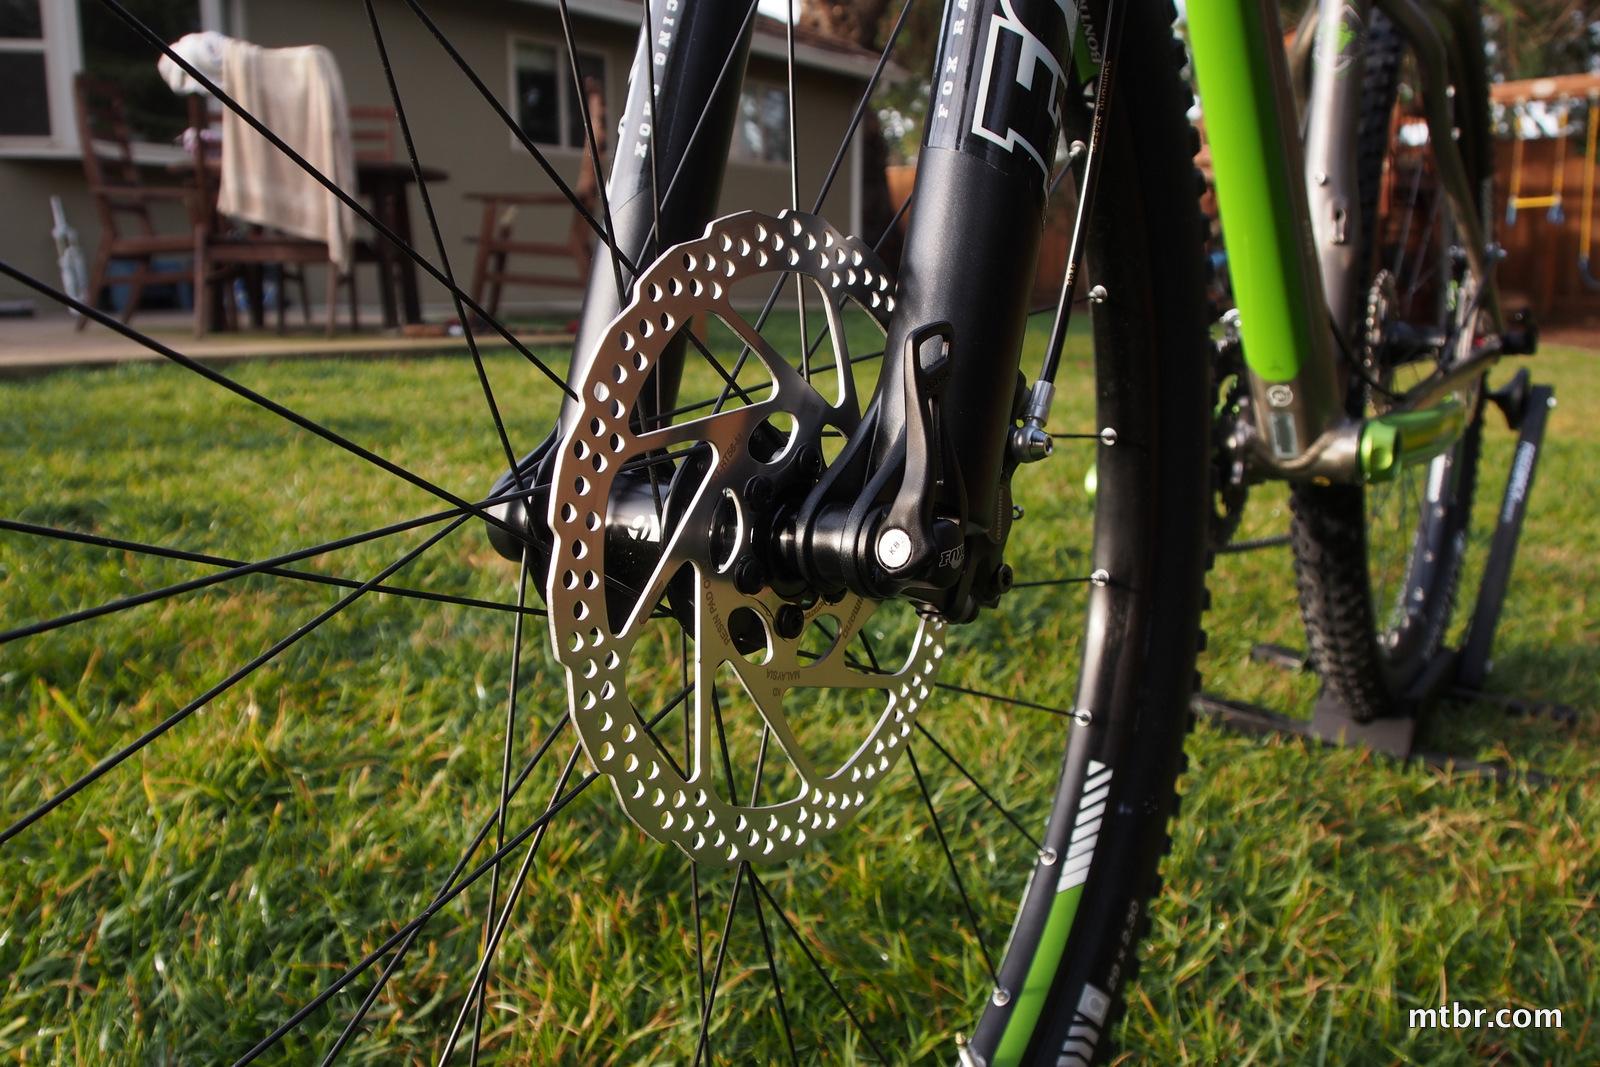 Trek Stache 8 Front Brake